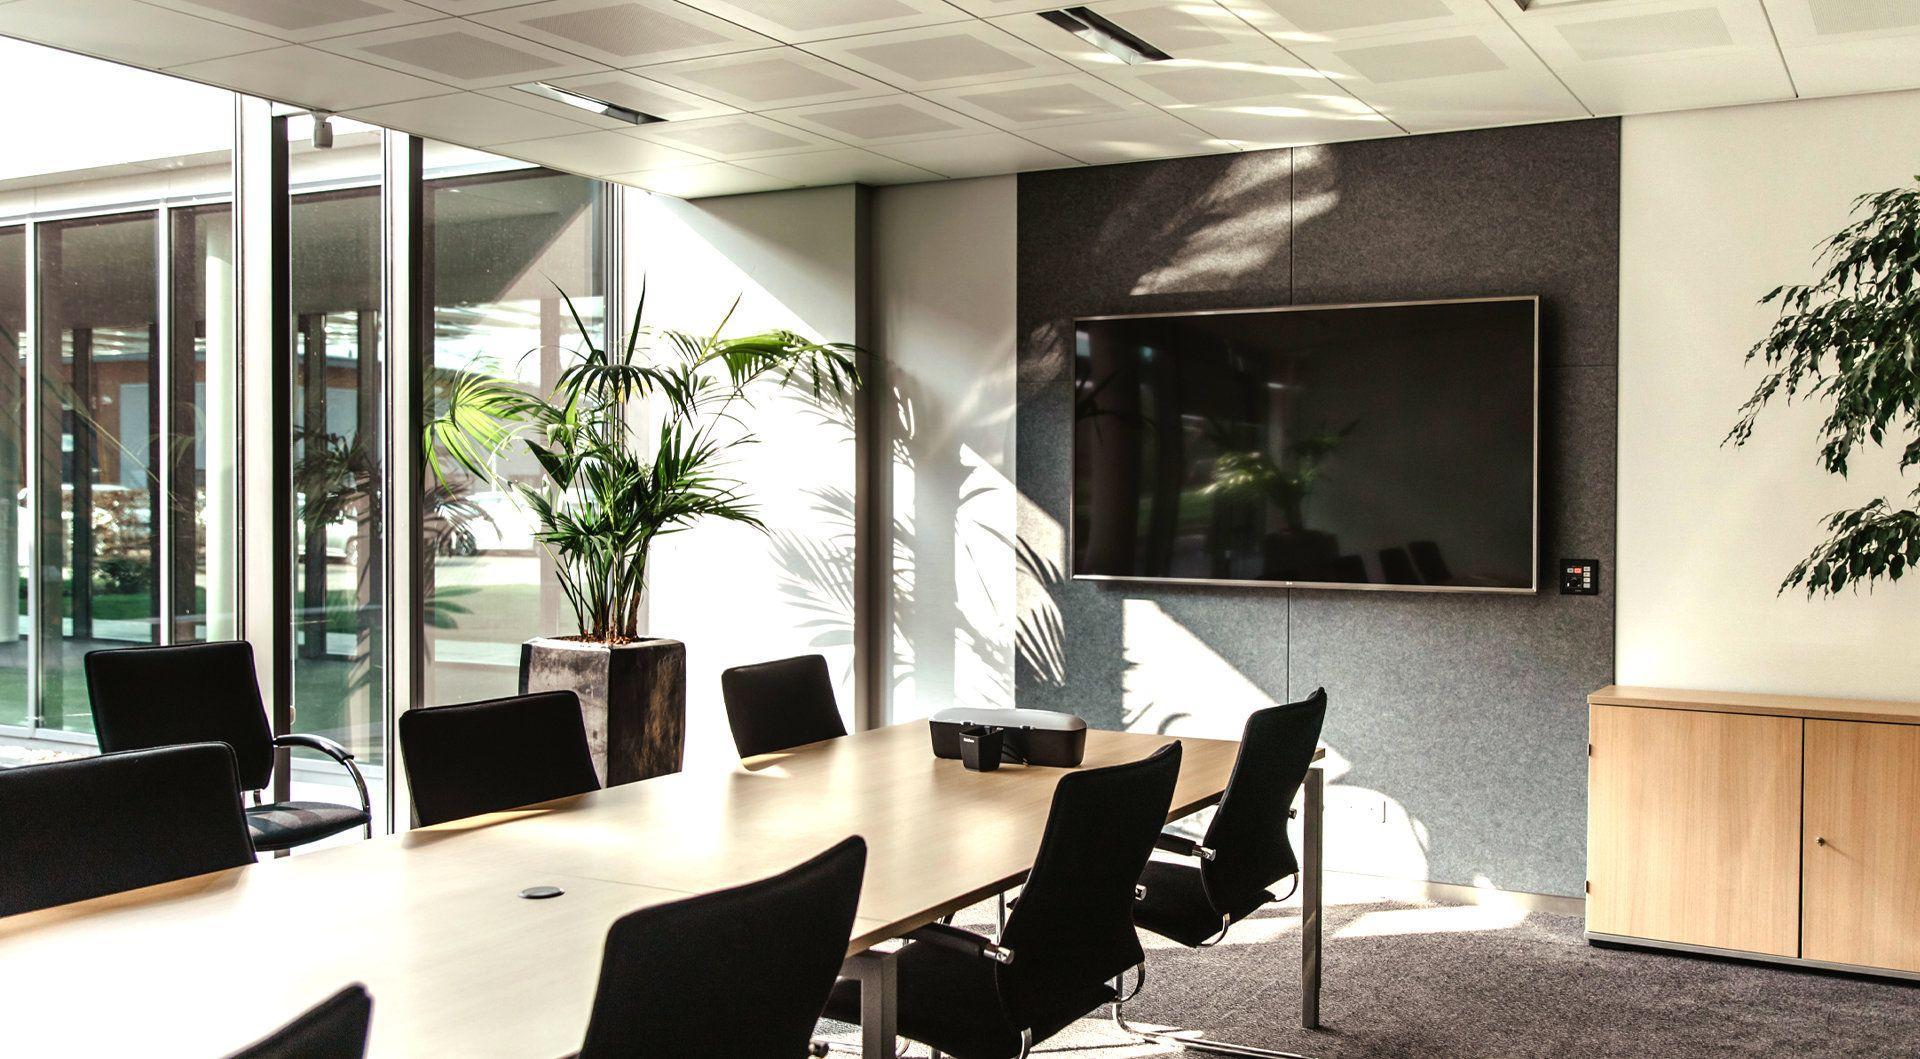 """Projecta Elpro Concept projectiescherm 4,6 m (181"""") 16:10 - Case studie de vries"""